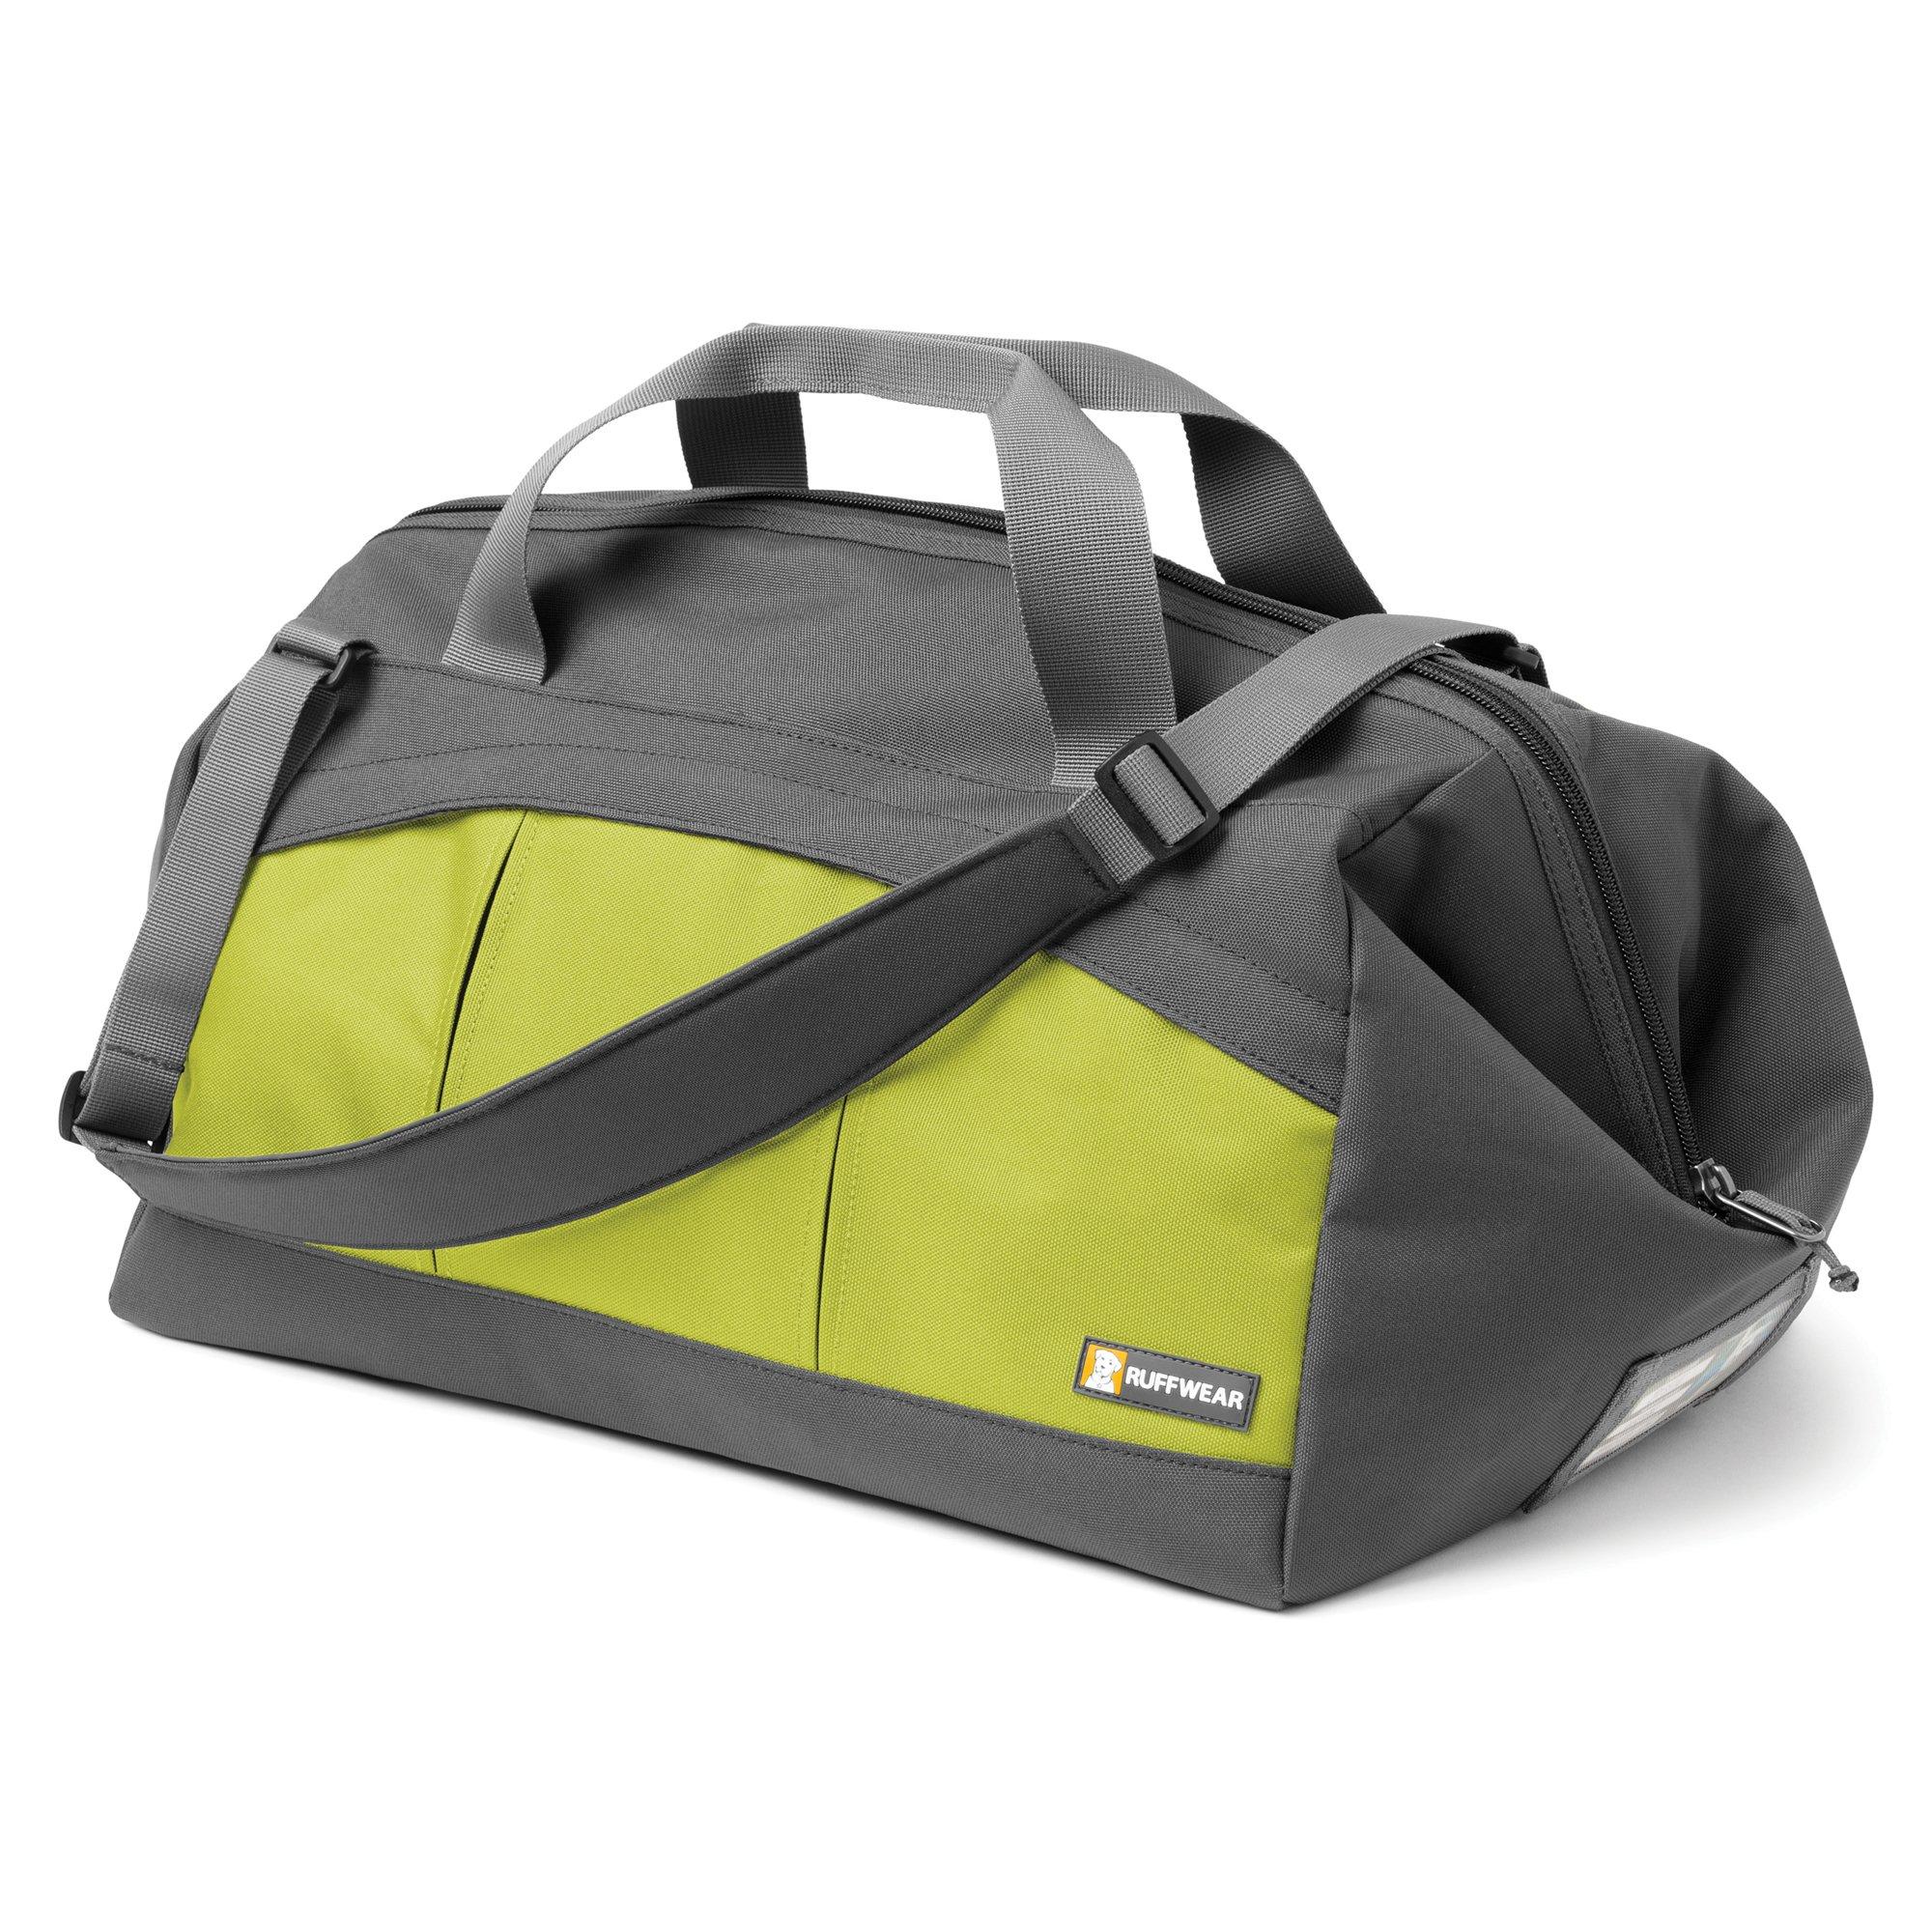 RUFFFWEAR Ruffwear - Haul Bag, Dog Gear Bag, Forest Green